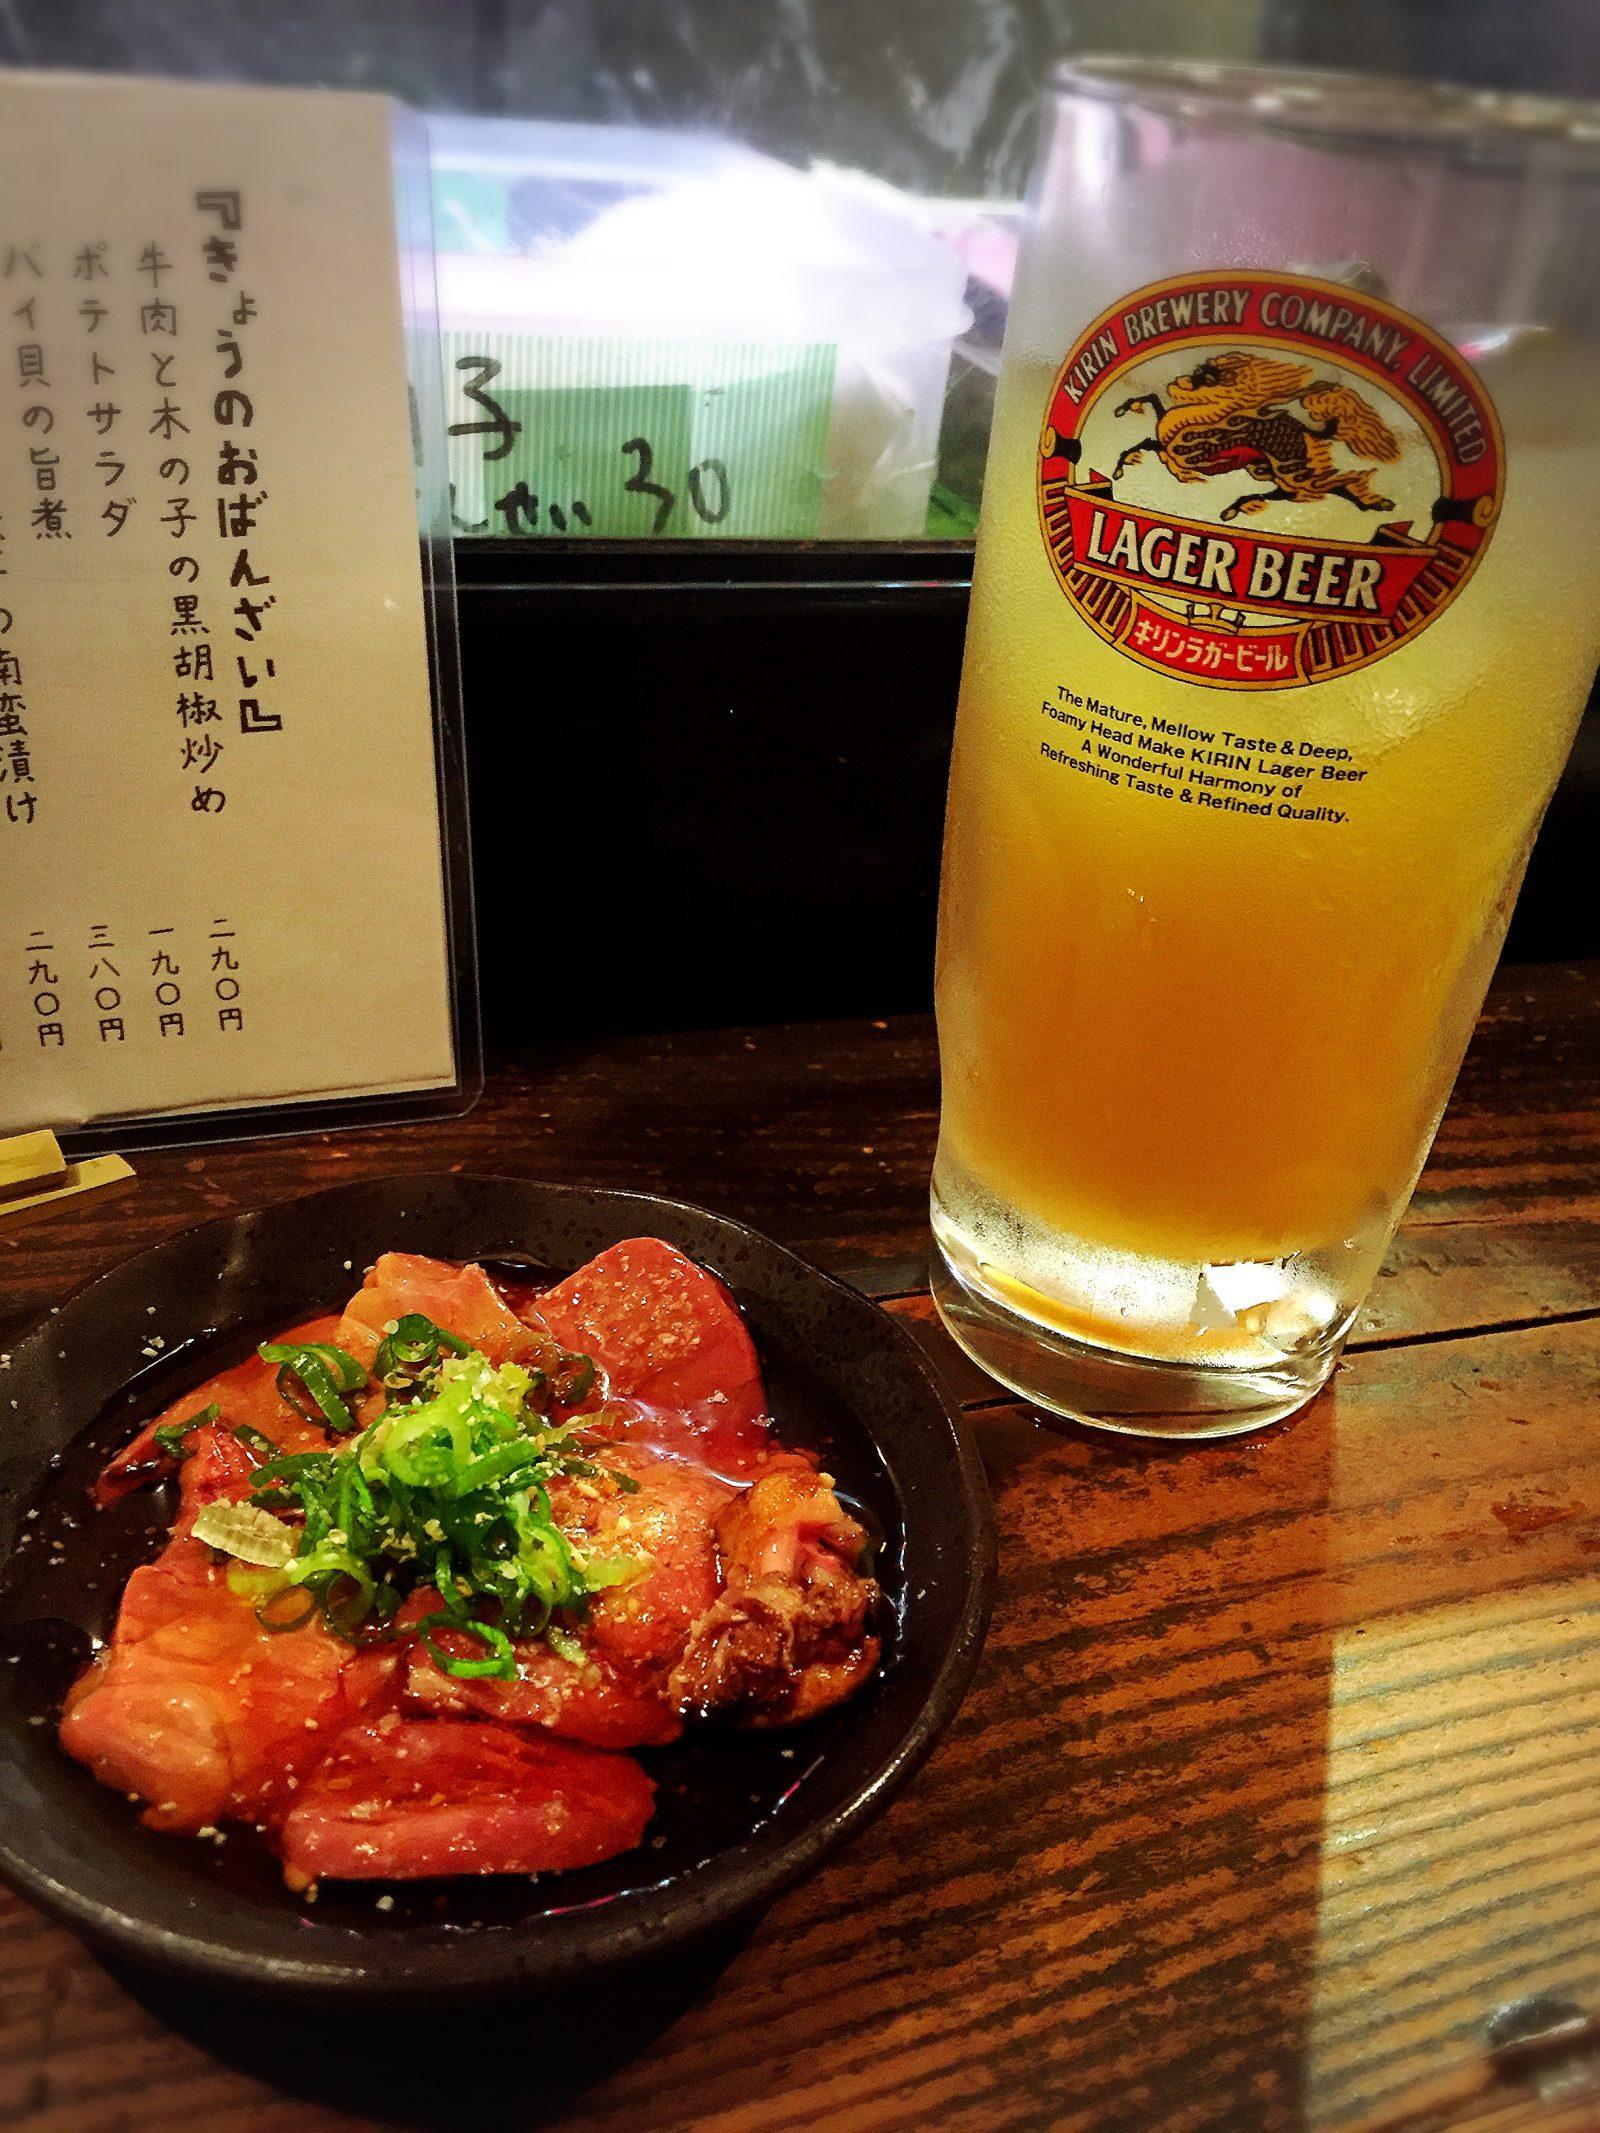 【居酒屋】お一人様でも下戸でも入りやすい立ち飲み屋 in福島